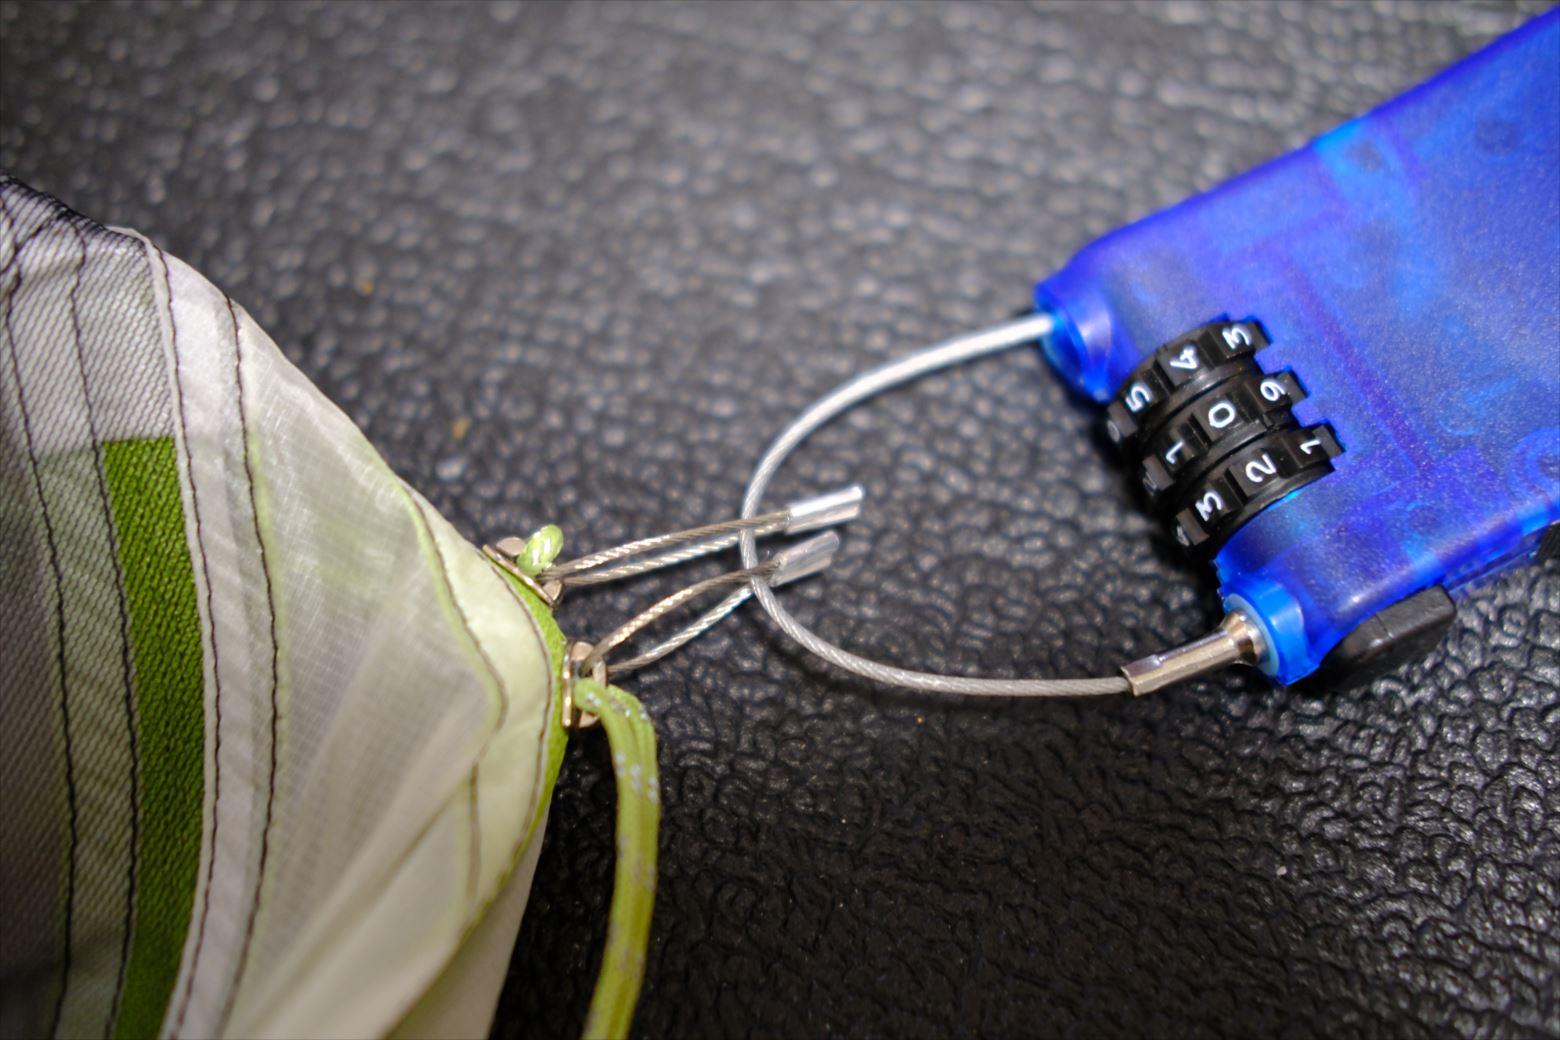 【テント盗難防止】切断不可能な鍵設置DIY方法